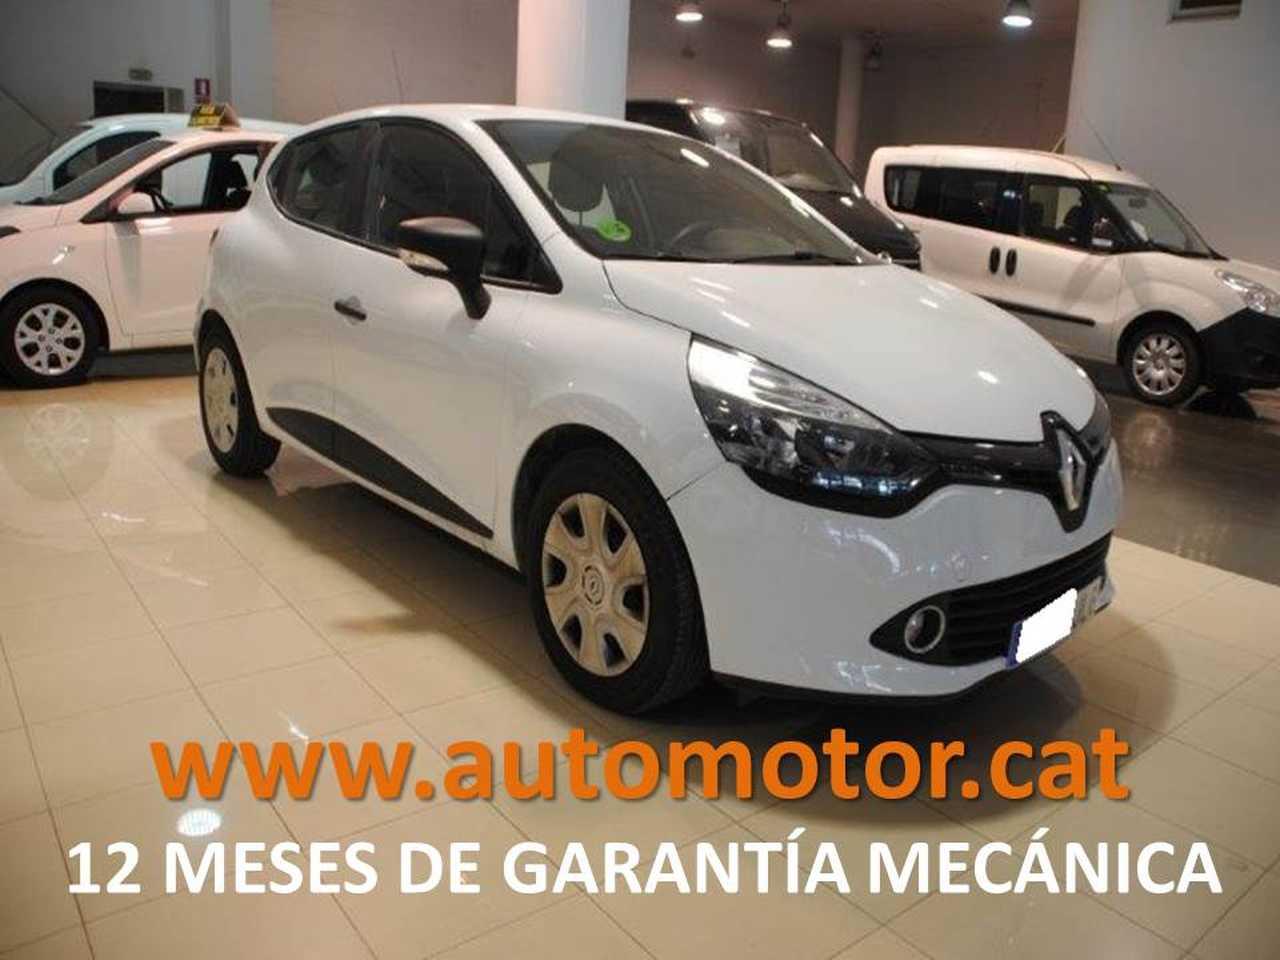 Renault Clio 1.5dCi eco2 Energy Business 75 - 12 MESES GARANTIA MECANICA  - Foto 1